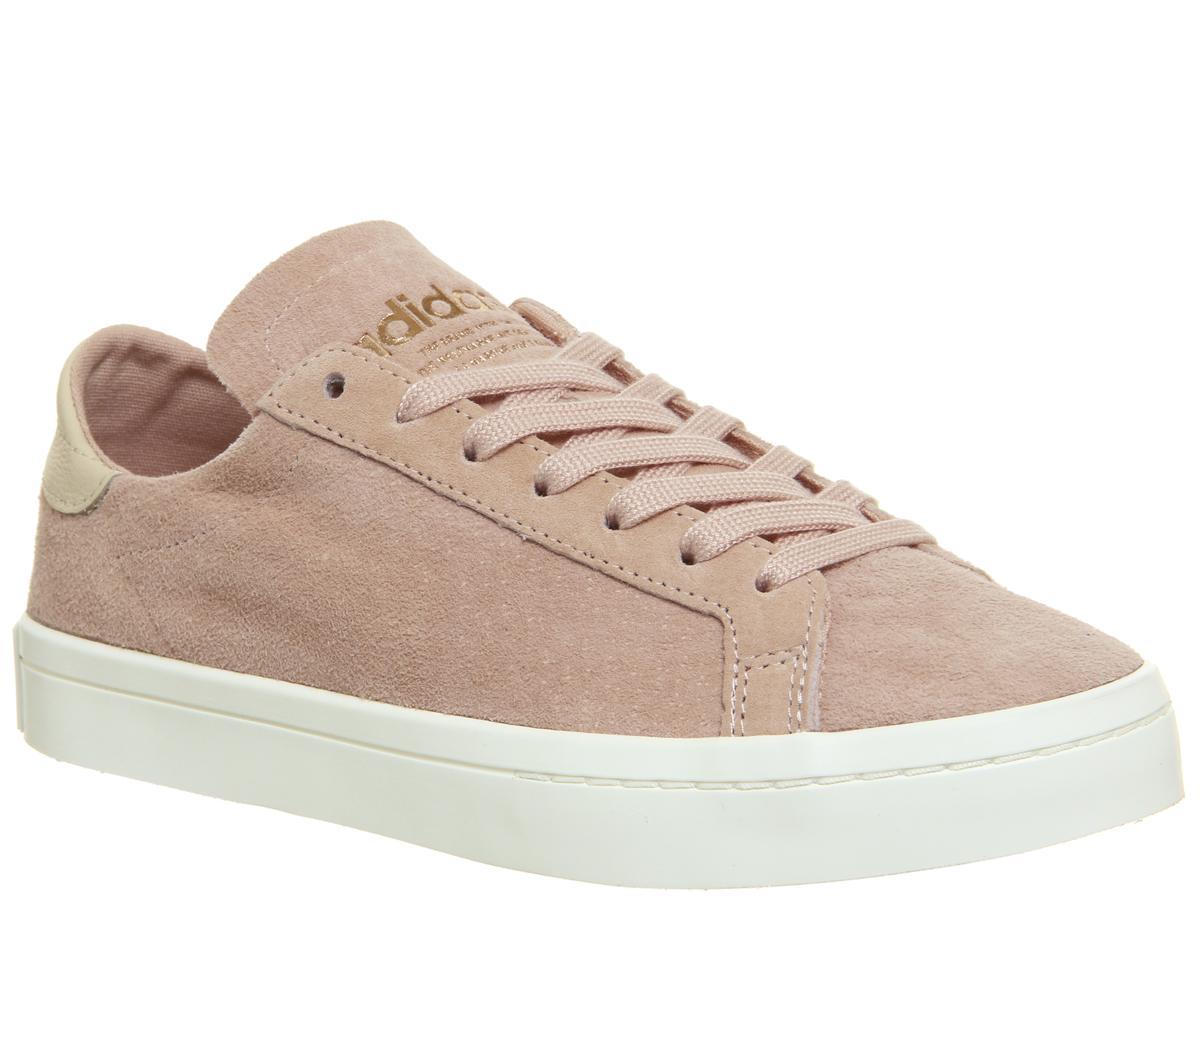 adidas Court Vantage Trainers Vapour Pink Linen - Sneaker damen